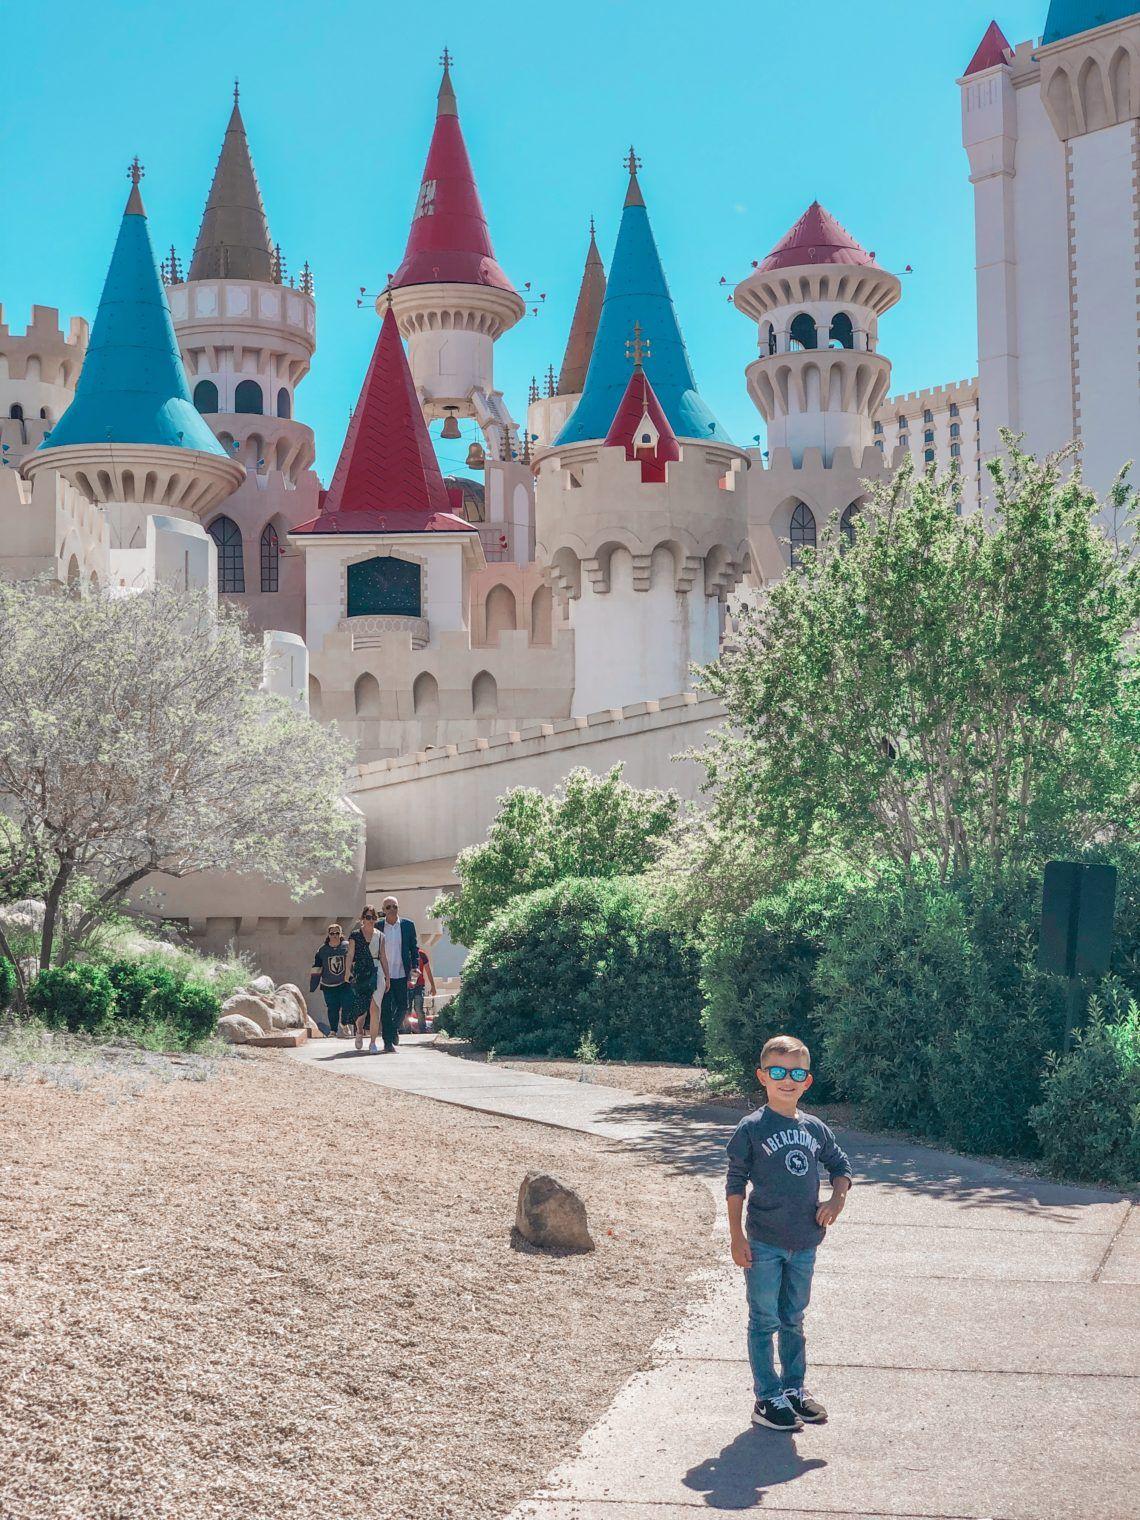 Atracciones Para Niños En Las Vegas Las Vegas Barcelona Cathedral Vegas